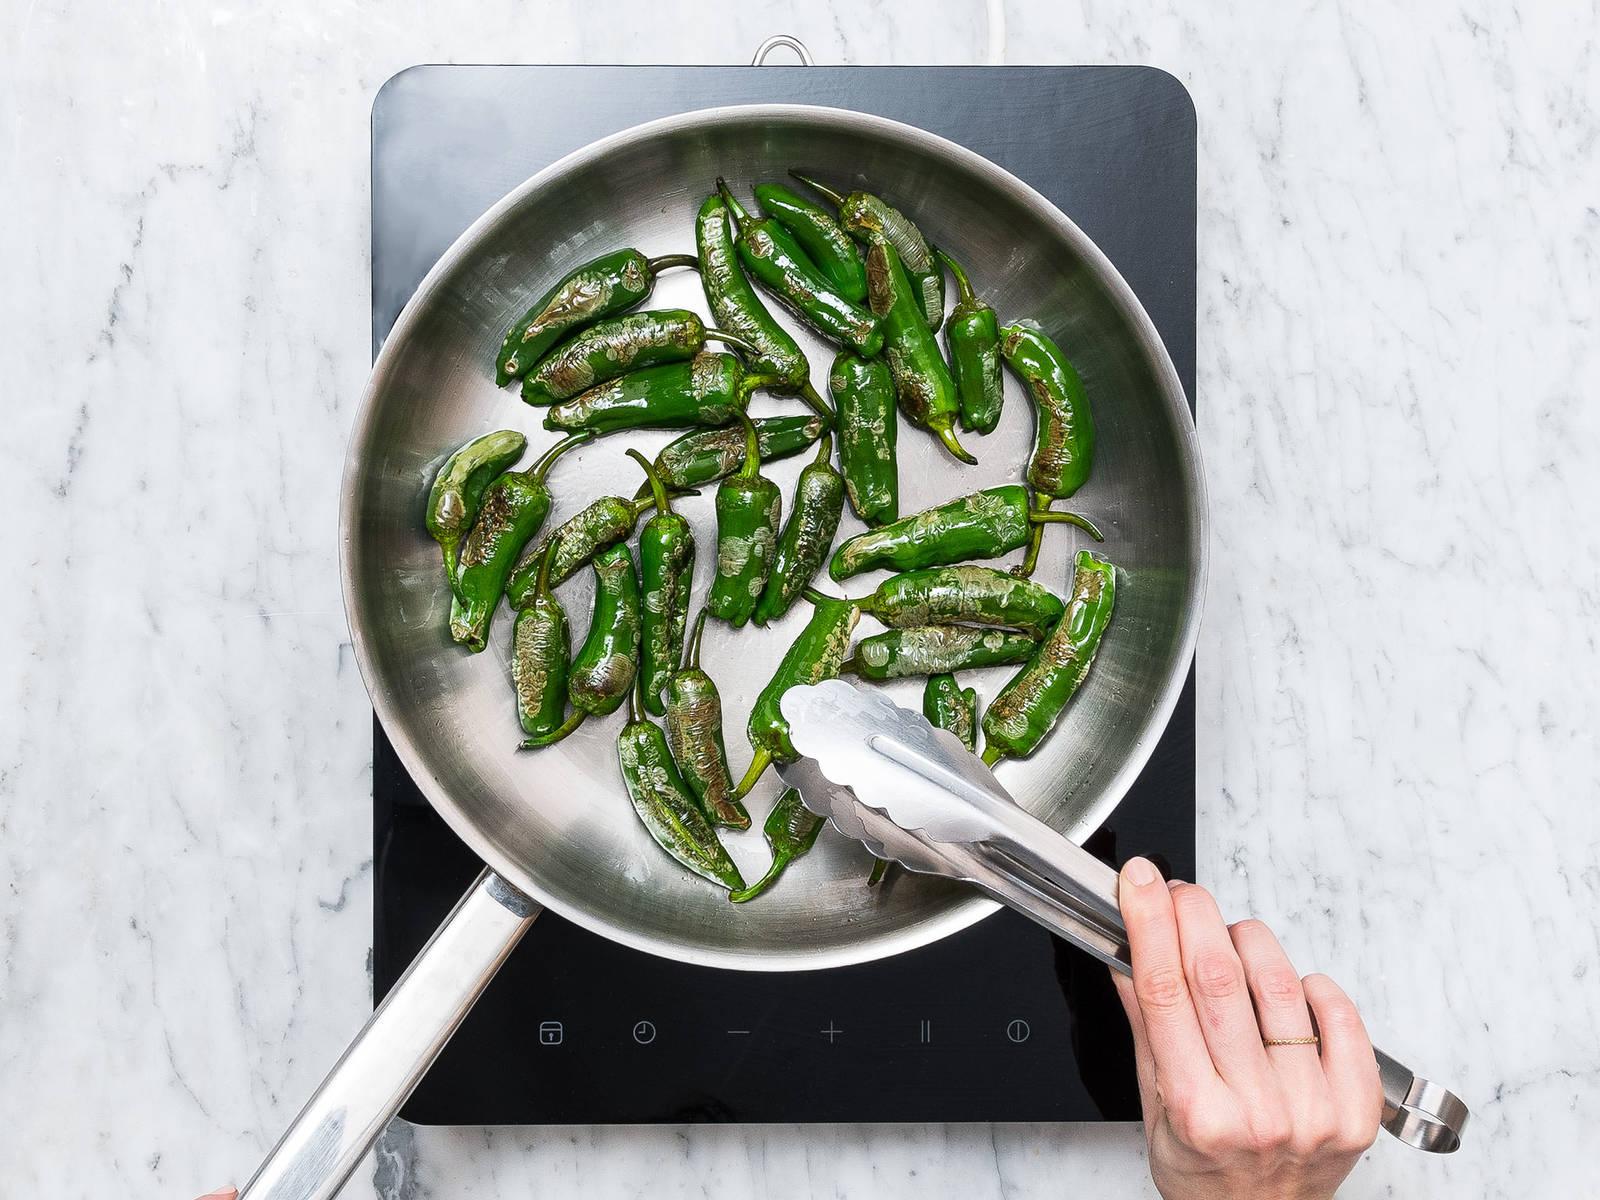 Padrón Paprikaschoten gut waschen und mit Küchenpapier trocknen. Pflanzenöl in einer Pfanne erhitzen, Paprikaschoten dazugeben und über mittlerer bis hoher Hitze für ca. 5 - 6 Min. anbraten. Mit einer Zange mehrmals wenden, bis die Haut der Paprika bräunlich wird und Bläschen bildet. Aus der Pfanne nehmen und auf einem Küchenpapier abtropfen lassen und mit Meersalz bestreuen. Mit Knoblauch-Dip servieren. Guten Appetit!